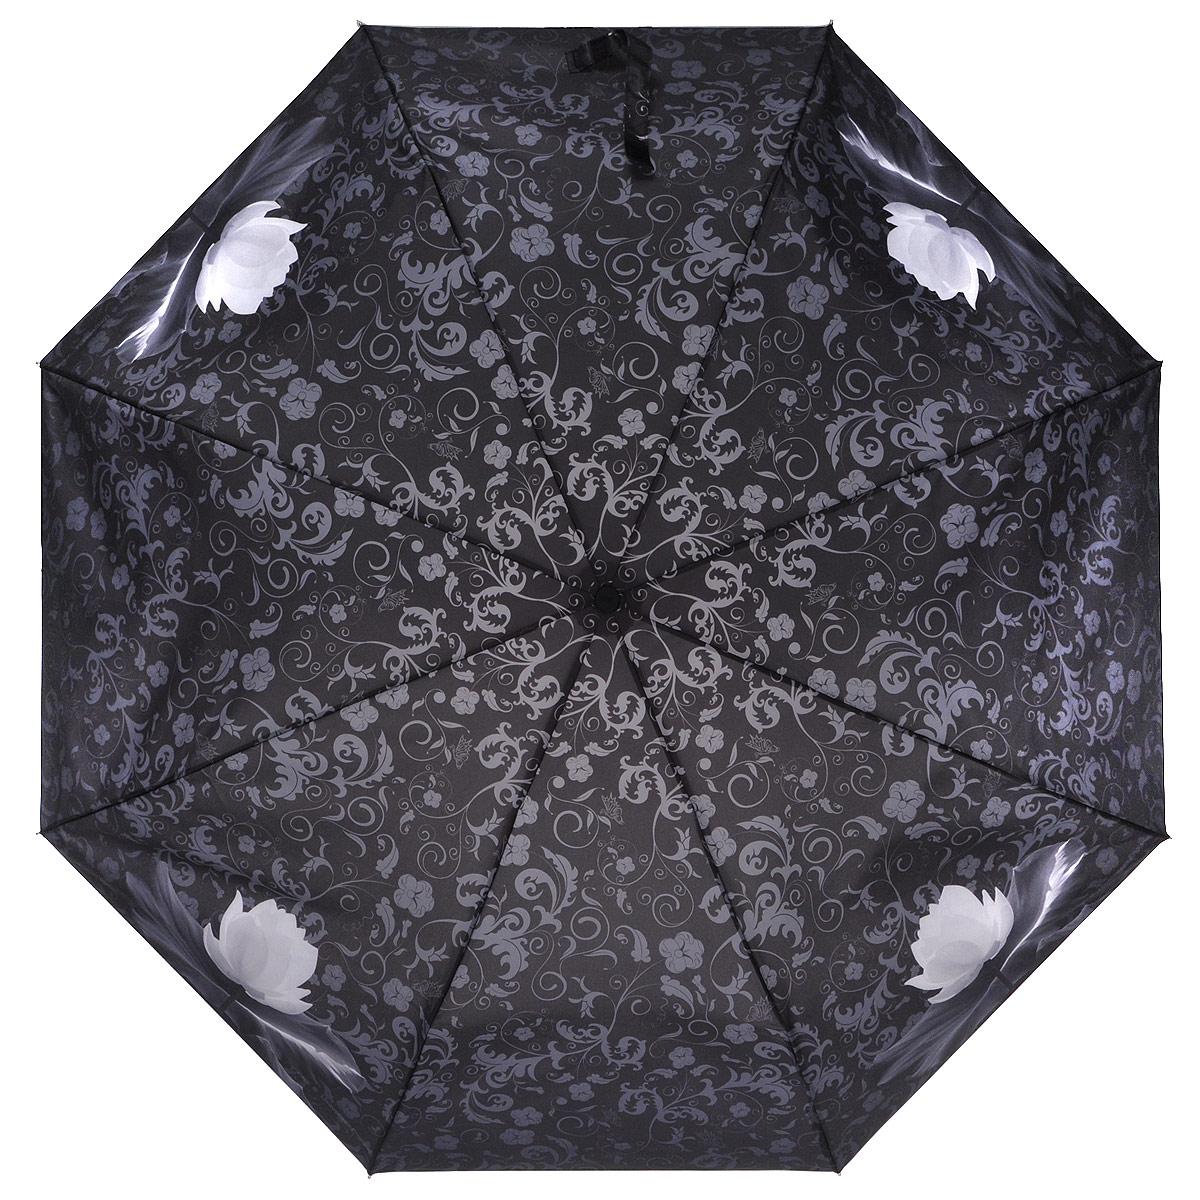 Зонт женский Zest, автомат, 3 сложения, цвет: черный. 23995-010823995-0108Элегантный автоматический зонт Zest в 3 сложения изготовлен из высокопрочных материалов. Каркас зонта состоит из 8 спиц из фибергласса и прочного алюминиевого стержня. Специальная система Windproof защищает его от поломок во время сильных порывов ветра. Купол зонта выполнен из прочного полиэстера с водоотталкивающей пропиткой и оформлен витиеватым растительным узором, а также изображением кувшинок. Используемые высококачественные красители обеспечивают длительное сохранение свойств ткани купола. Рукоятка, разработанная с учетом требований эргономики, выполнена из пластика. Зонт имеет полный автоматический механизм сложения: купол открывается и закрывается нажатием кнопки на рукоятке, стержень складывается вручную до характерного щелчка. Благодаря этому открыть и закрыть зонт можно одной рукой, что чрезвычайно удобно при входе в транспорт или помещение. Небольшой шнурок, расположенный на рукоятке, позволяет надеть изделие на руку при необходимости. К зонту прилагается...